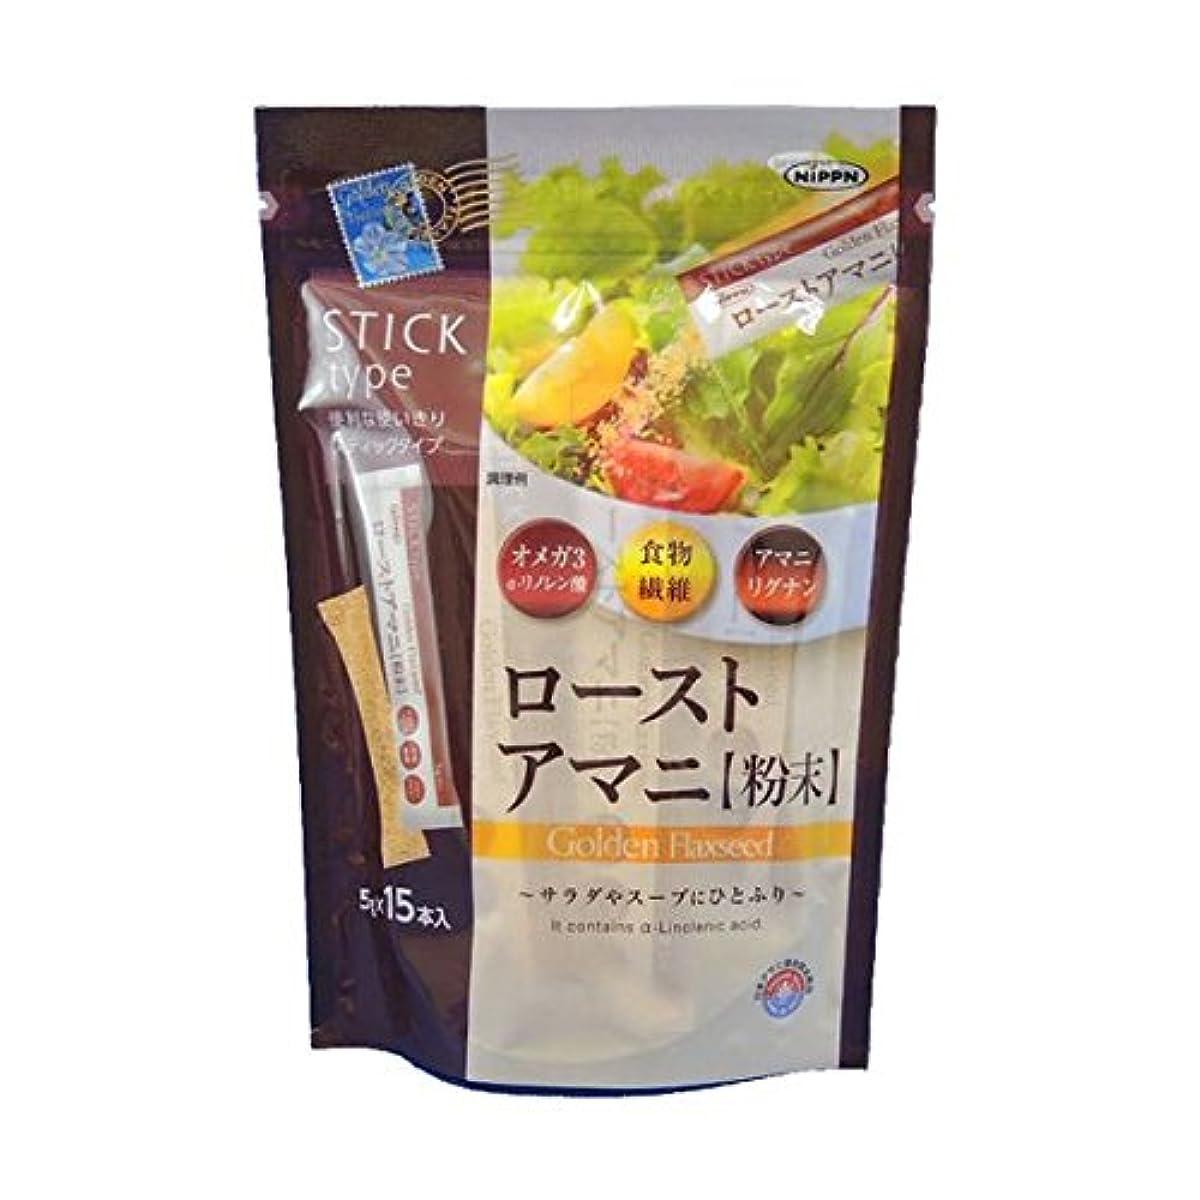 師匠彫刻マルクス主義ローストアマニ粉末【3袋セット】日本製粉